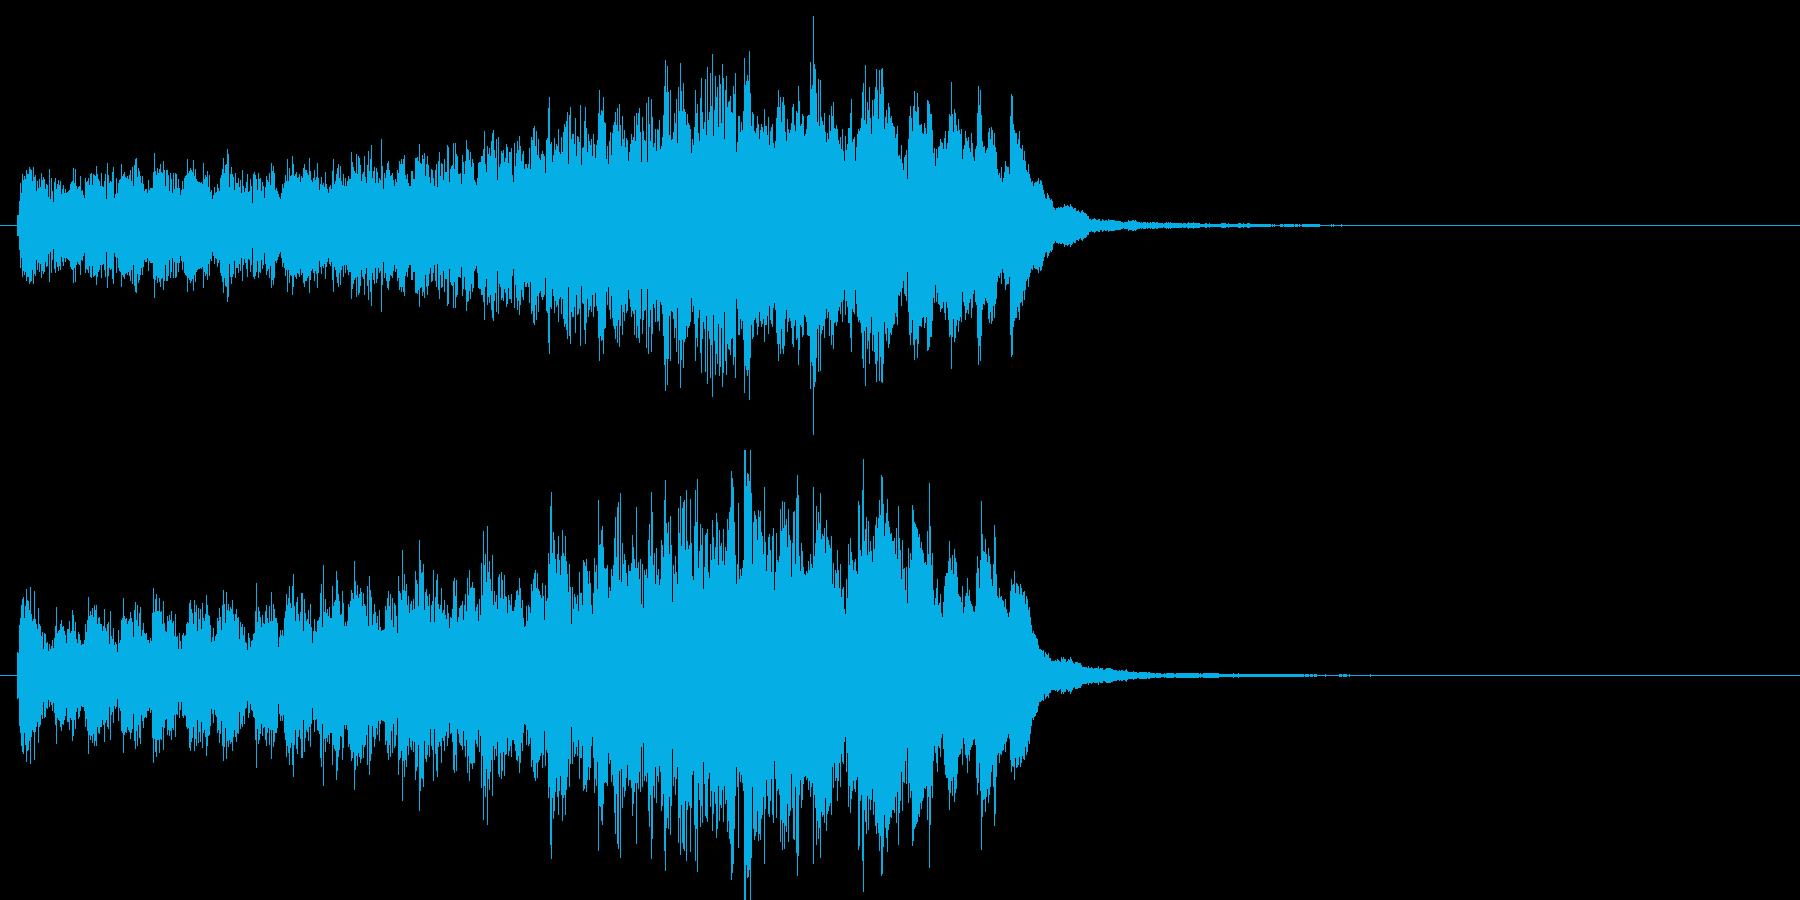 ピアノ早弾き きらきらタラリラ 場面転換の再生済みの波形